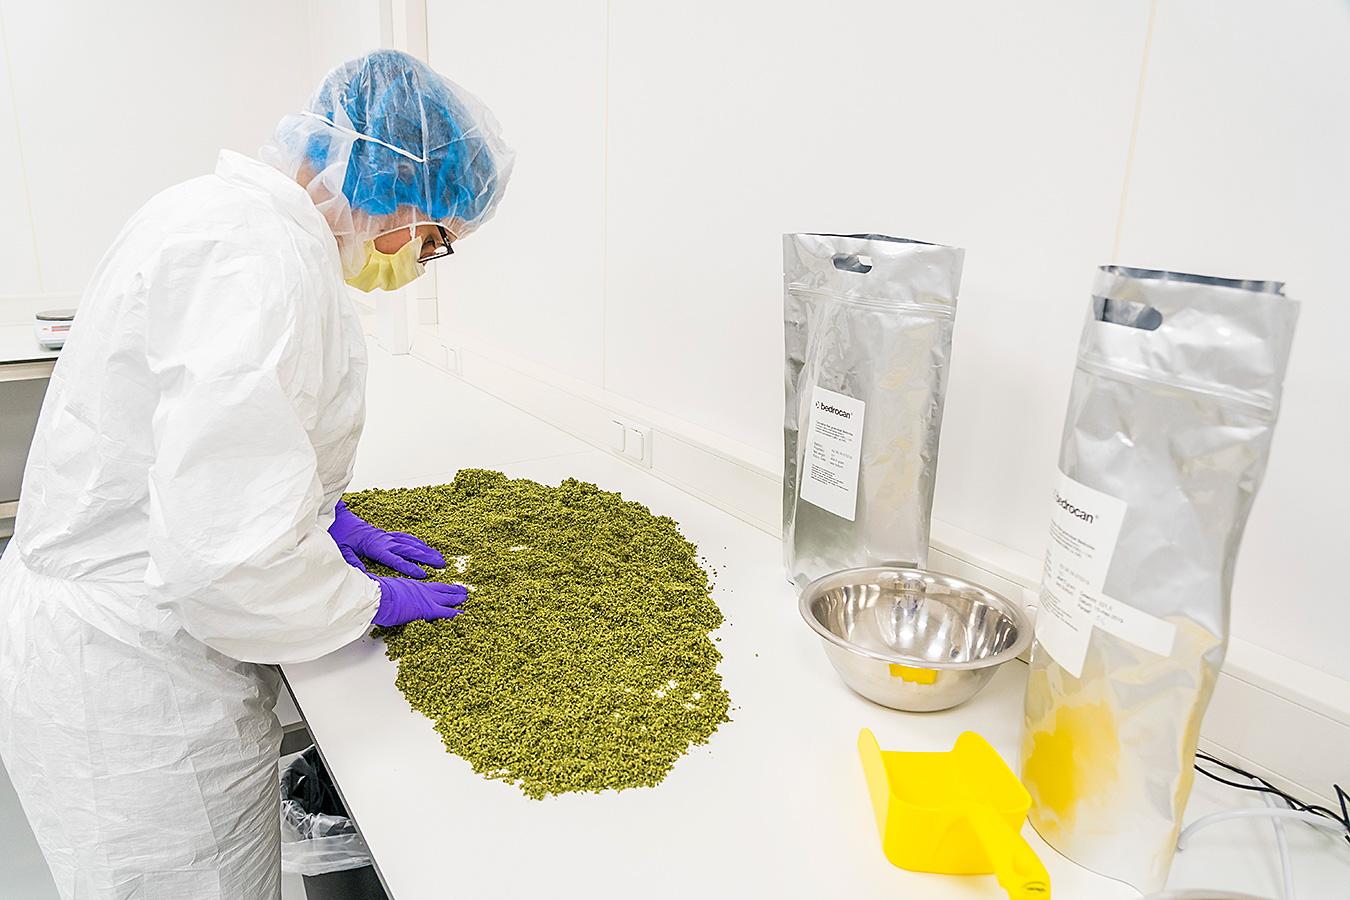 Wie zijn er verantwoordelijk voor de levering van medicinale cannabis in Nederland?